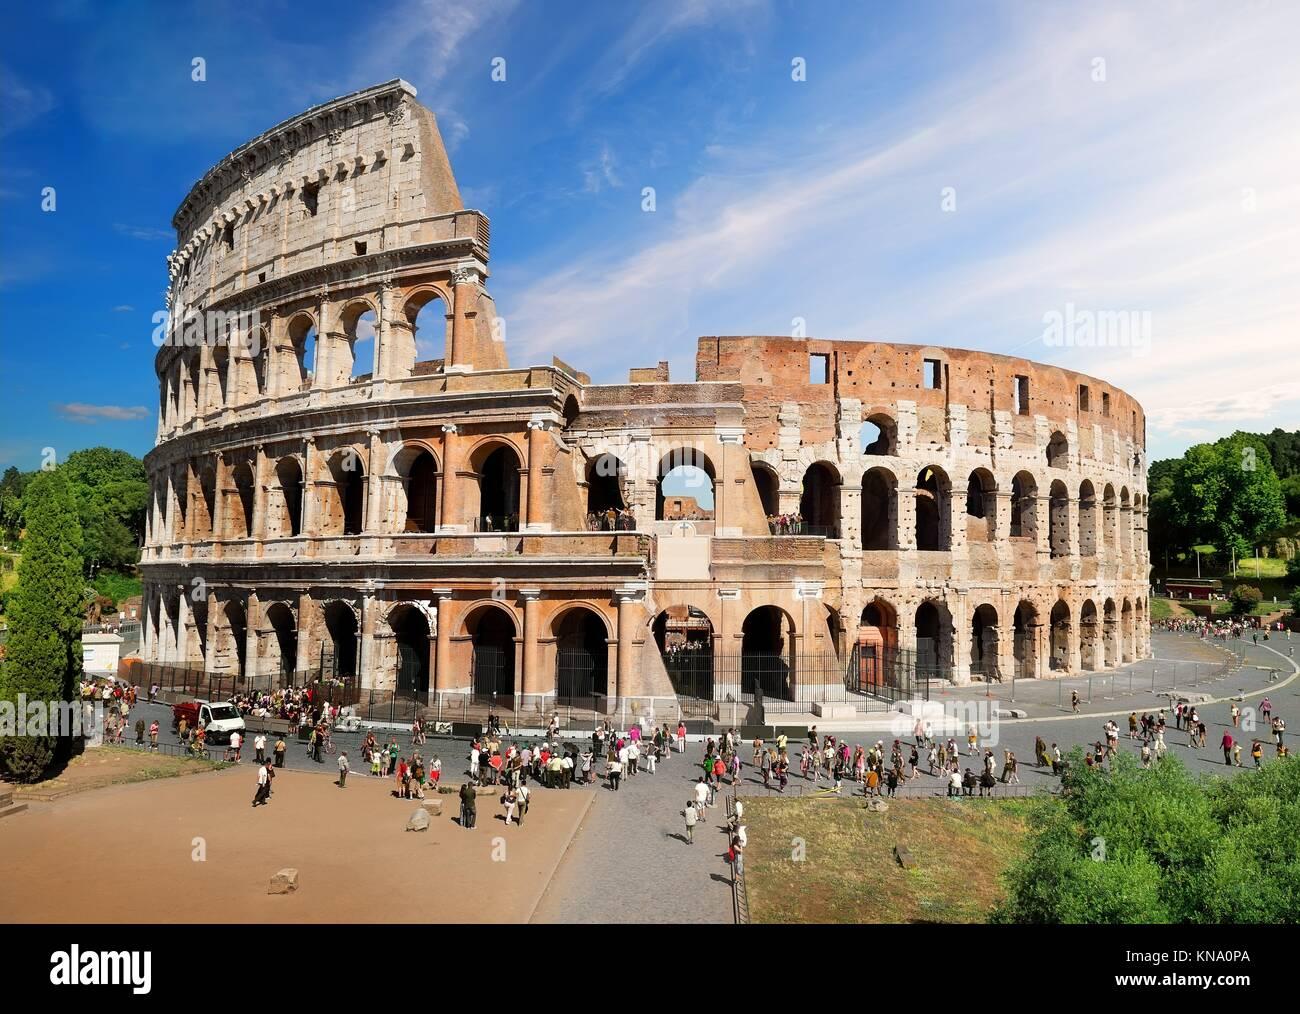 Hermoso Coliseo romano en el día de verano, Italia. Imagen De Stock